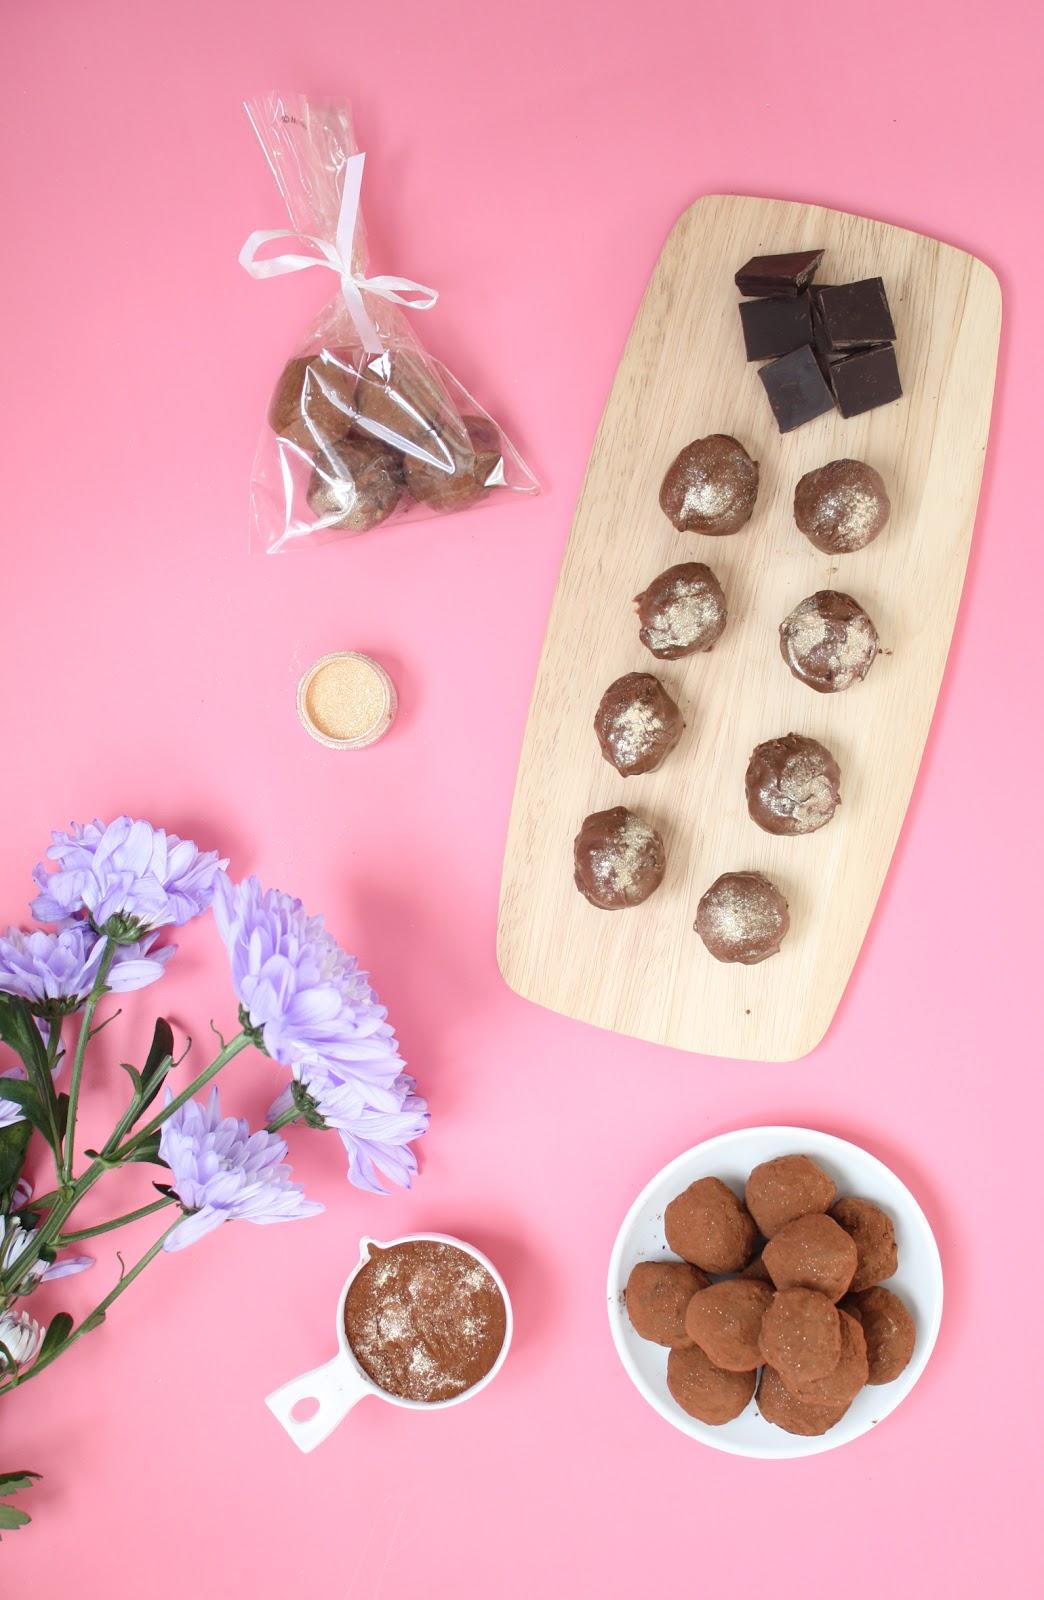 dairy-free dark chocolate rose water truffles